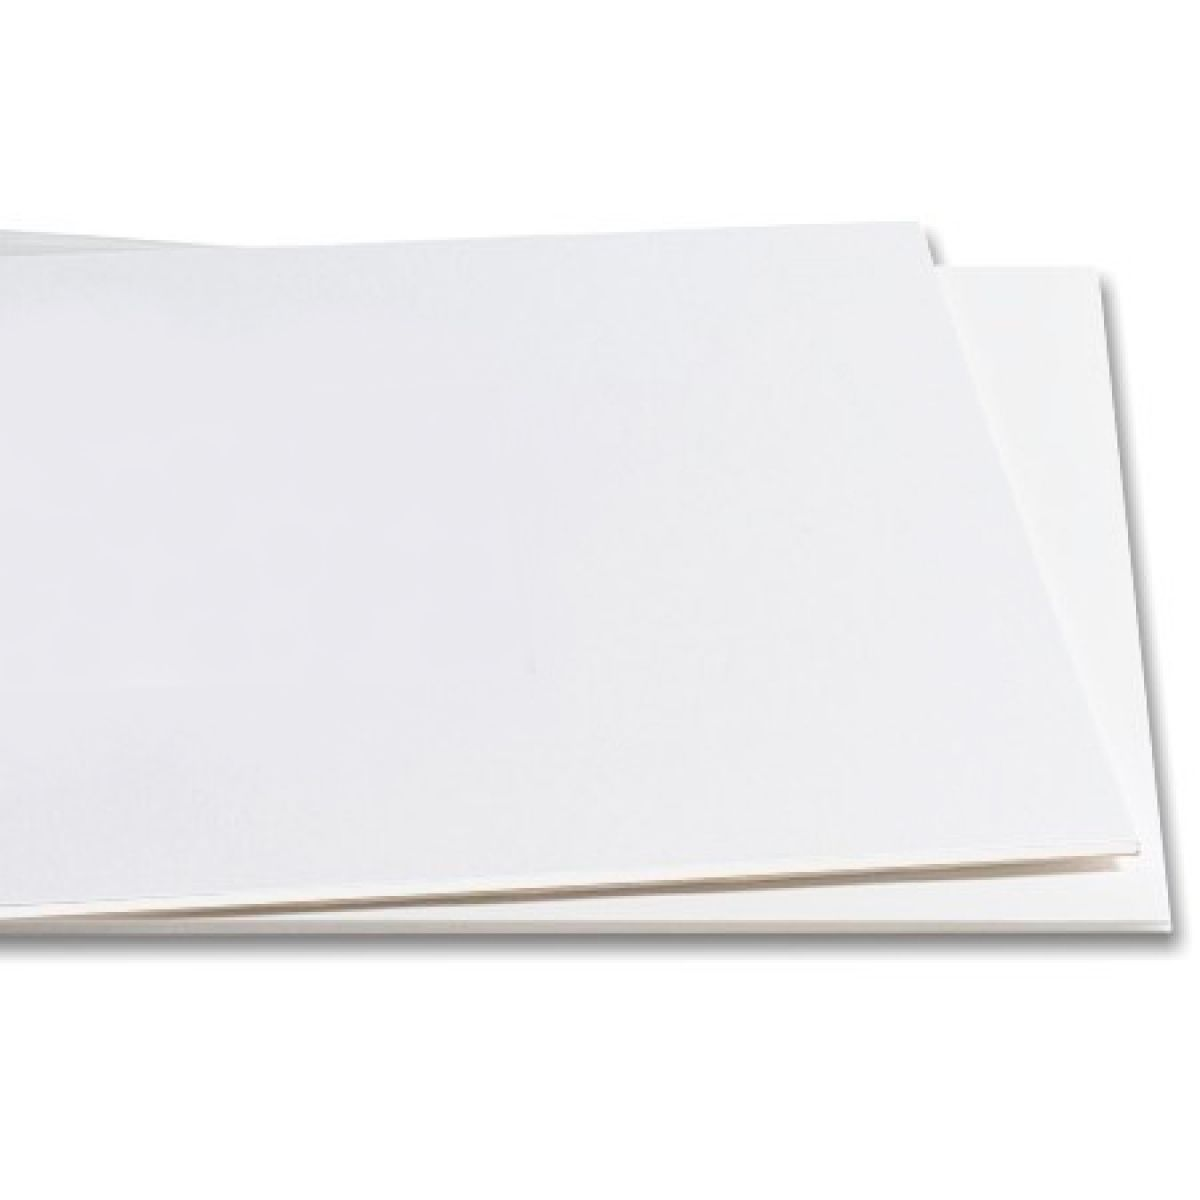 Papel Couche Fosco 250g A3 Embalagem Com 050 Folhas Phandora